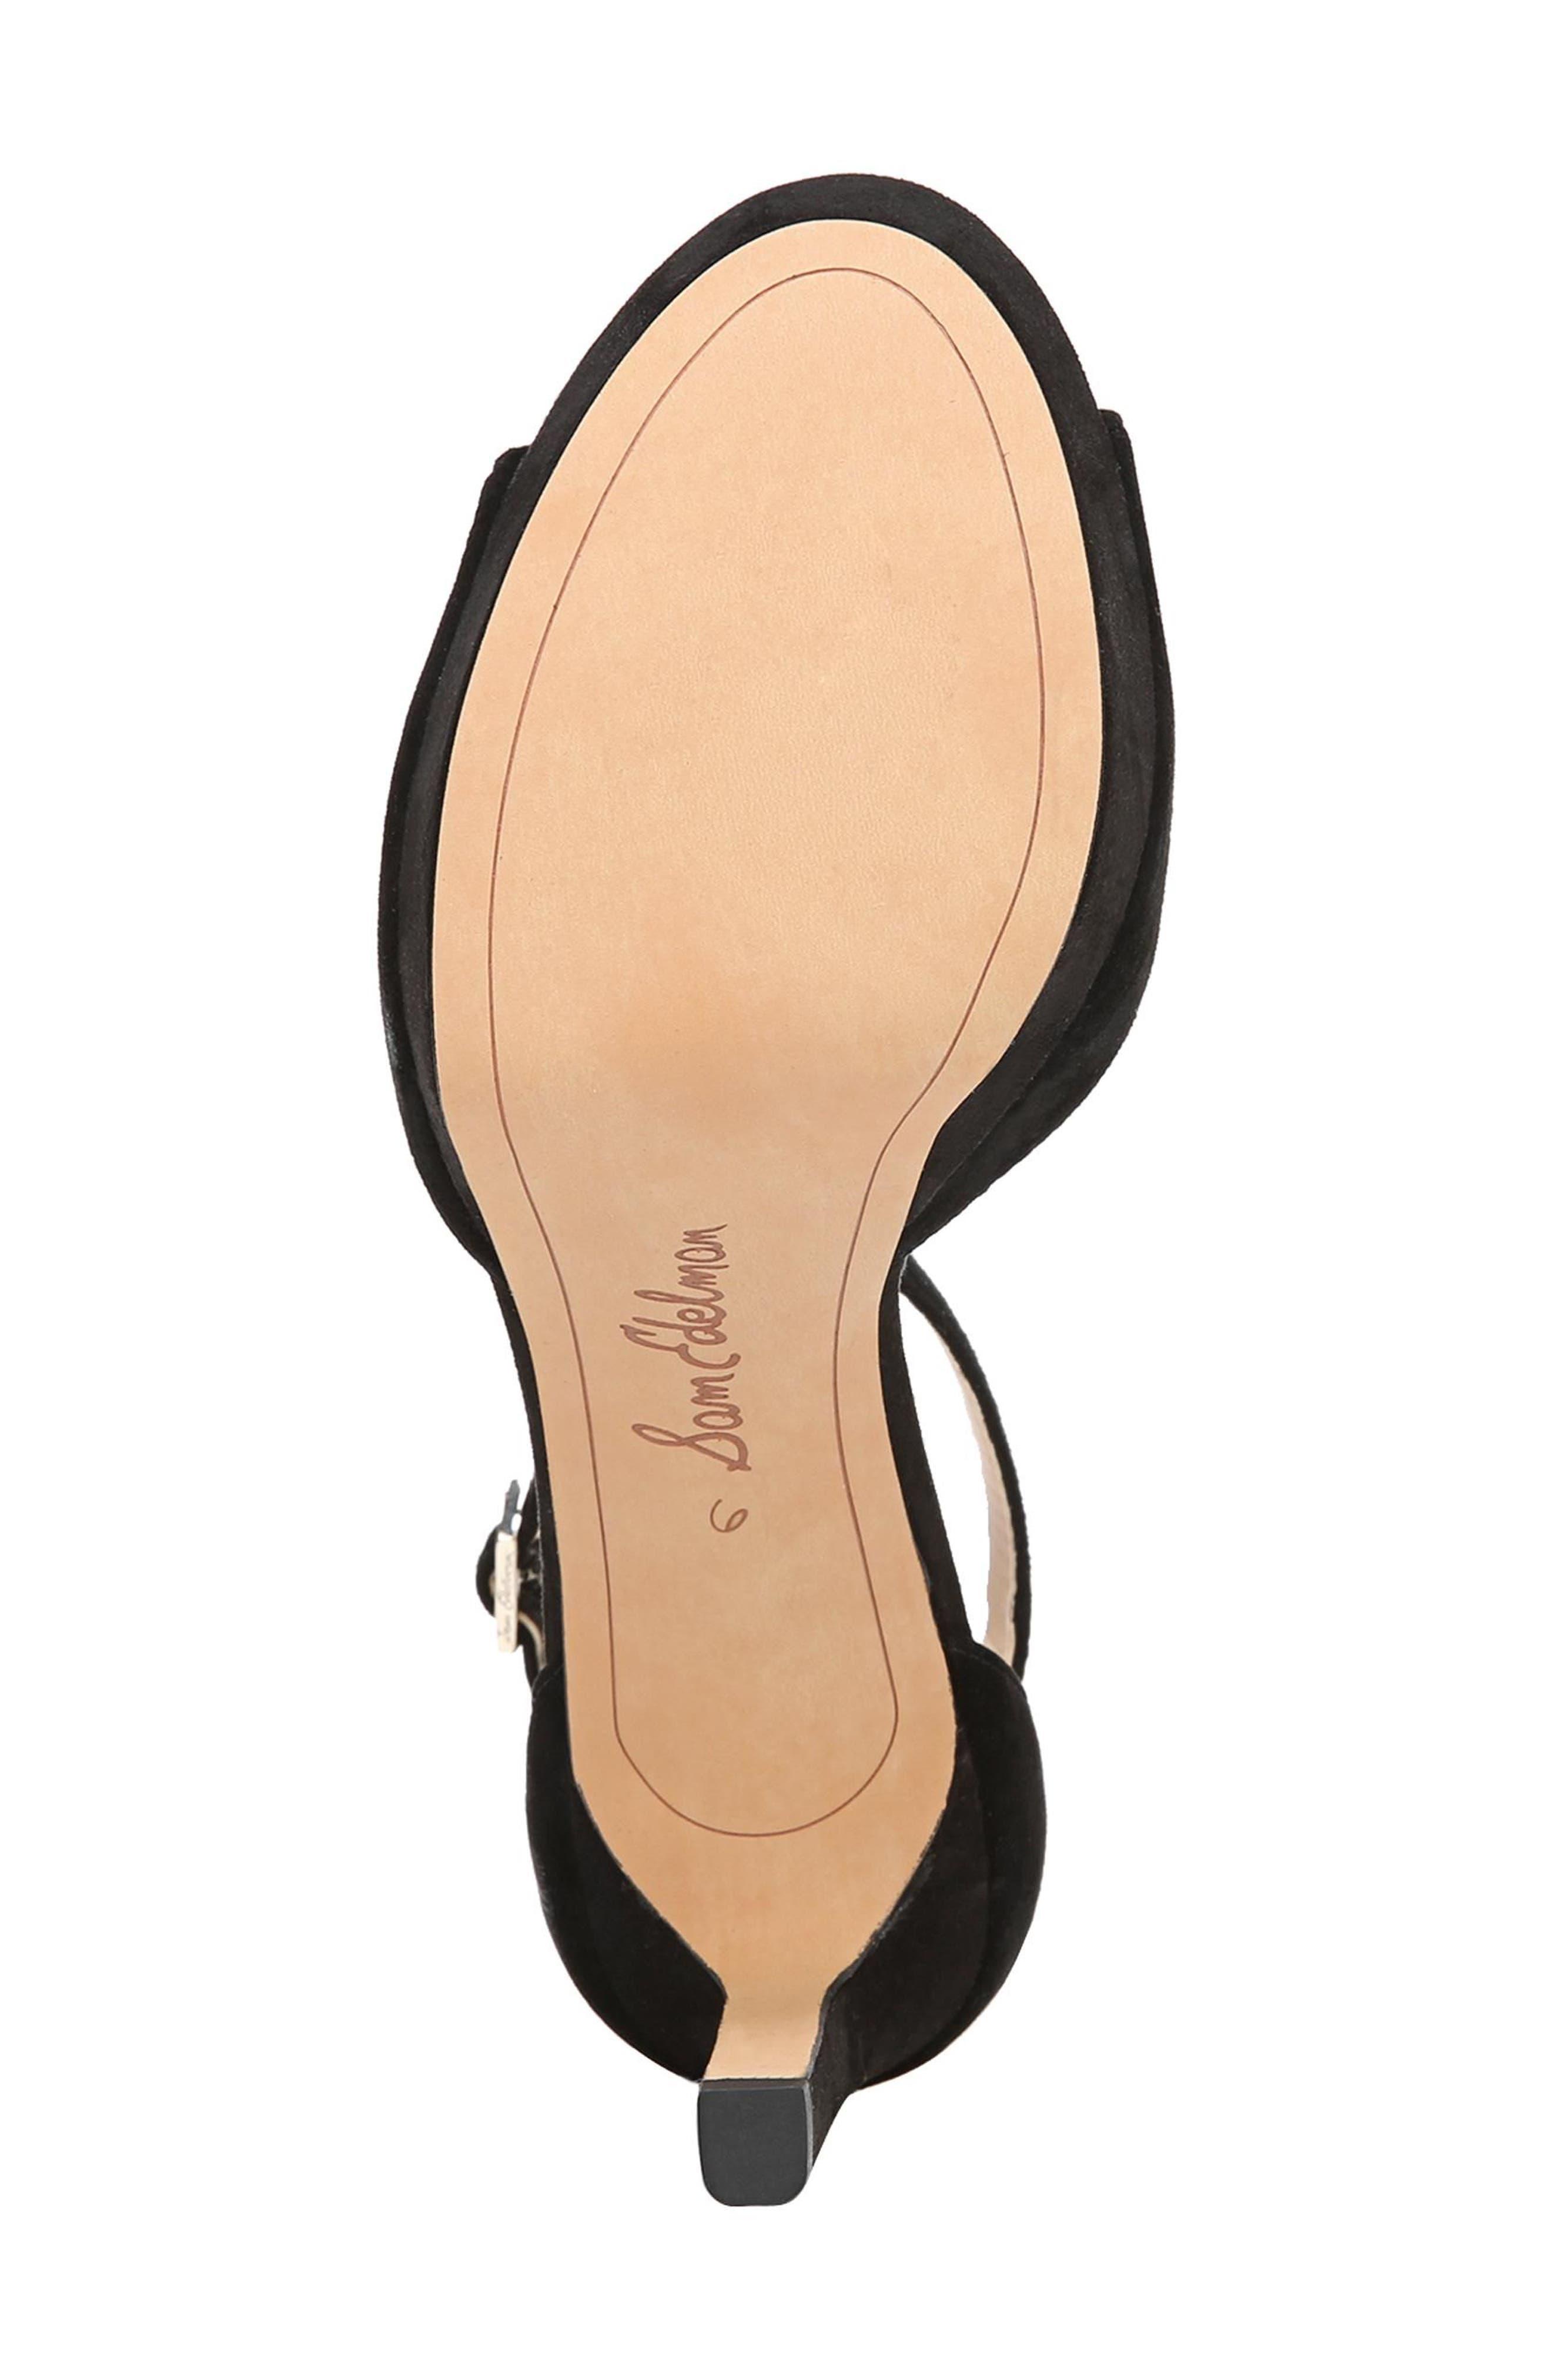 Jerin Platform Sandal,                             Alternate thumbnail 6, color,                             Black Suede